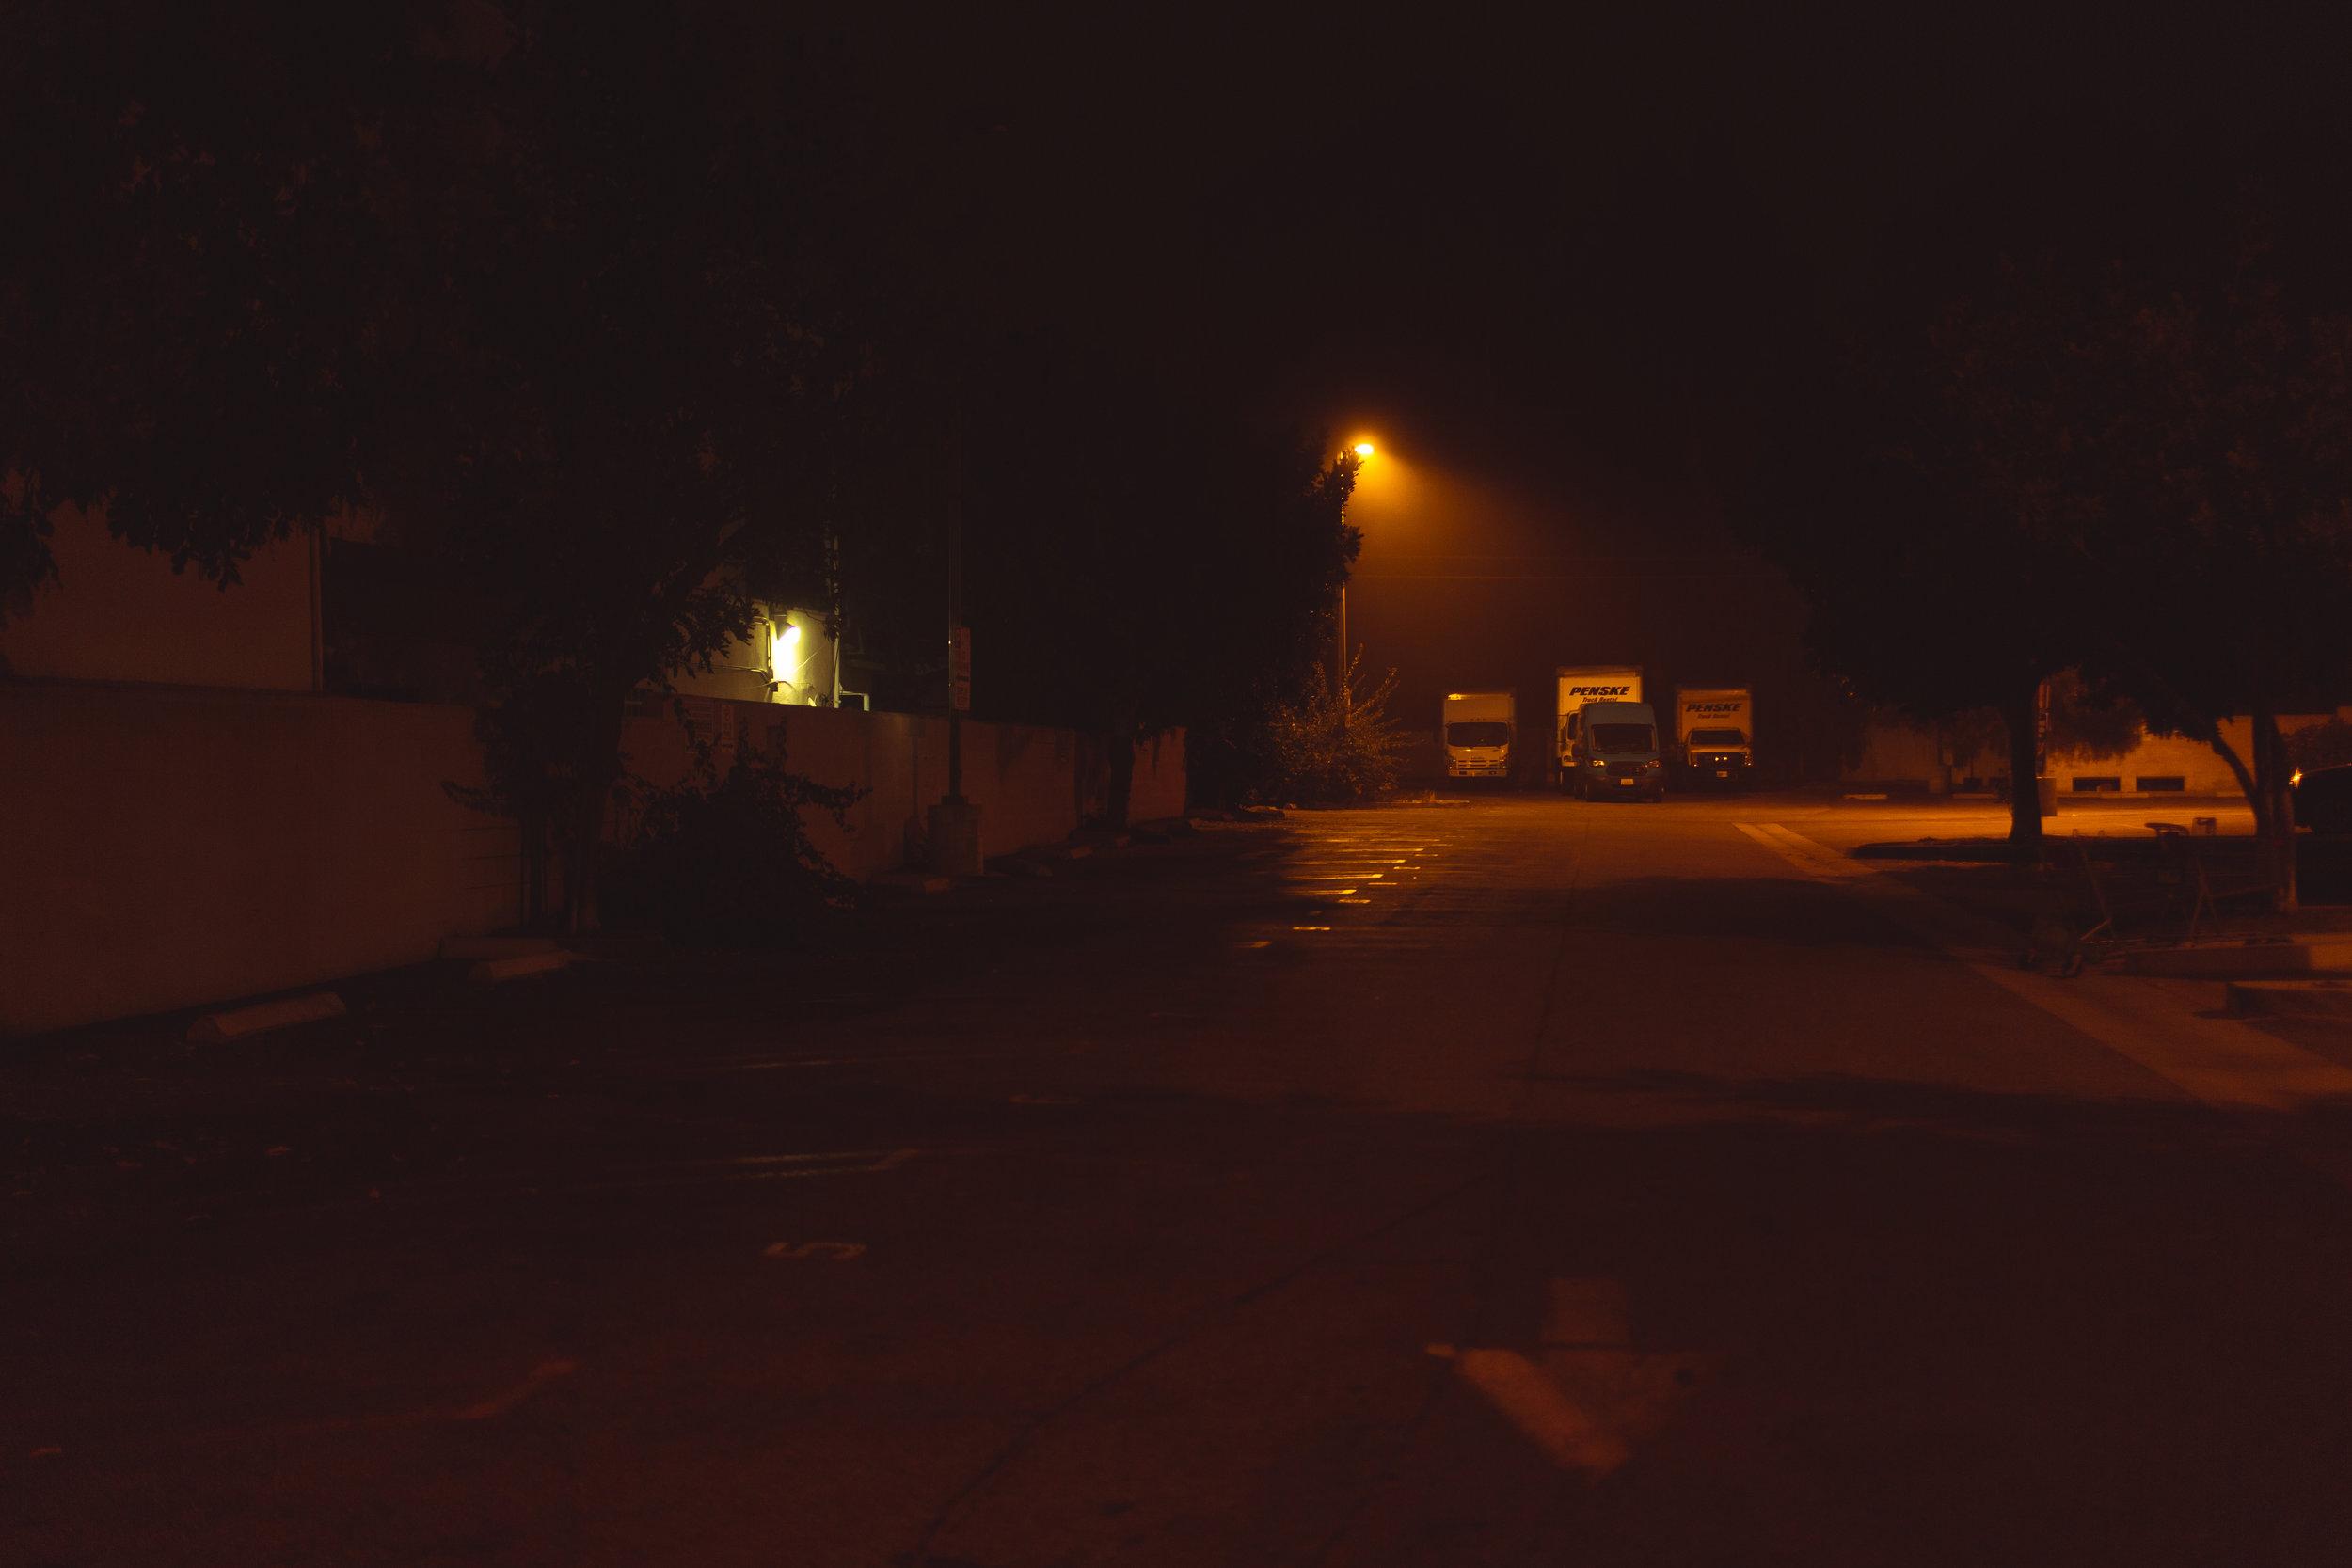 Brentwood Foggy Night_03.jpg